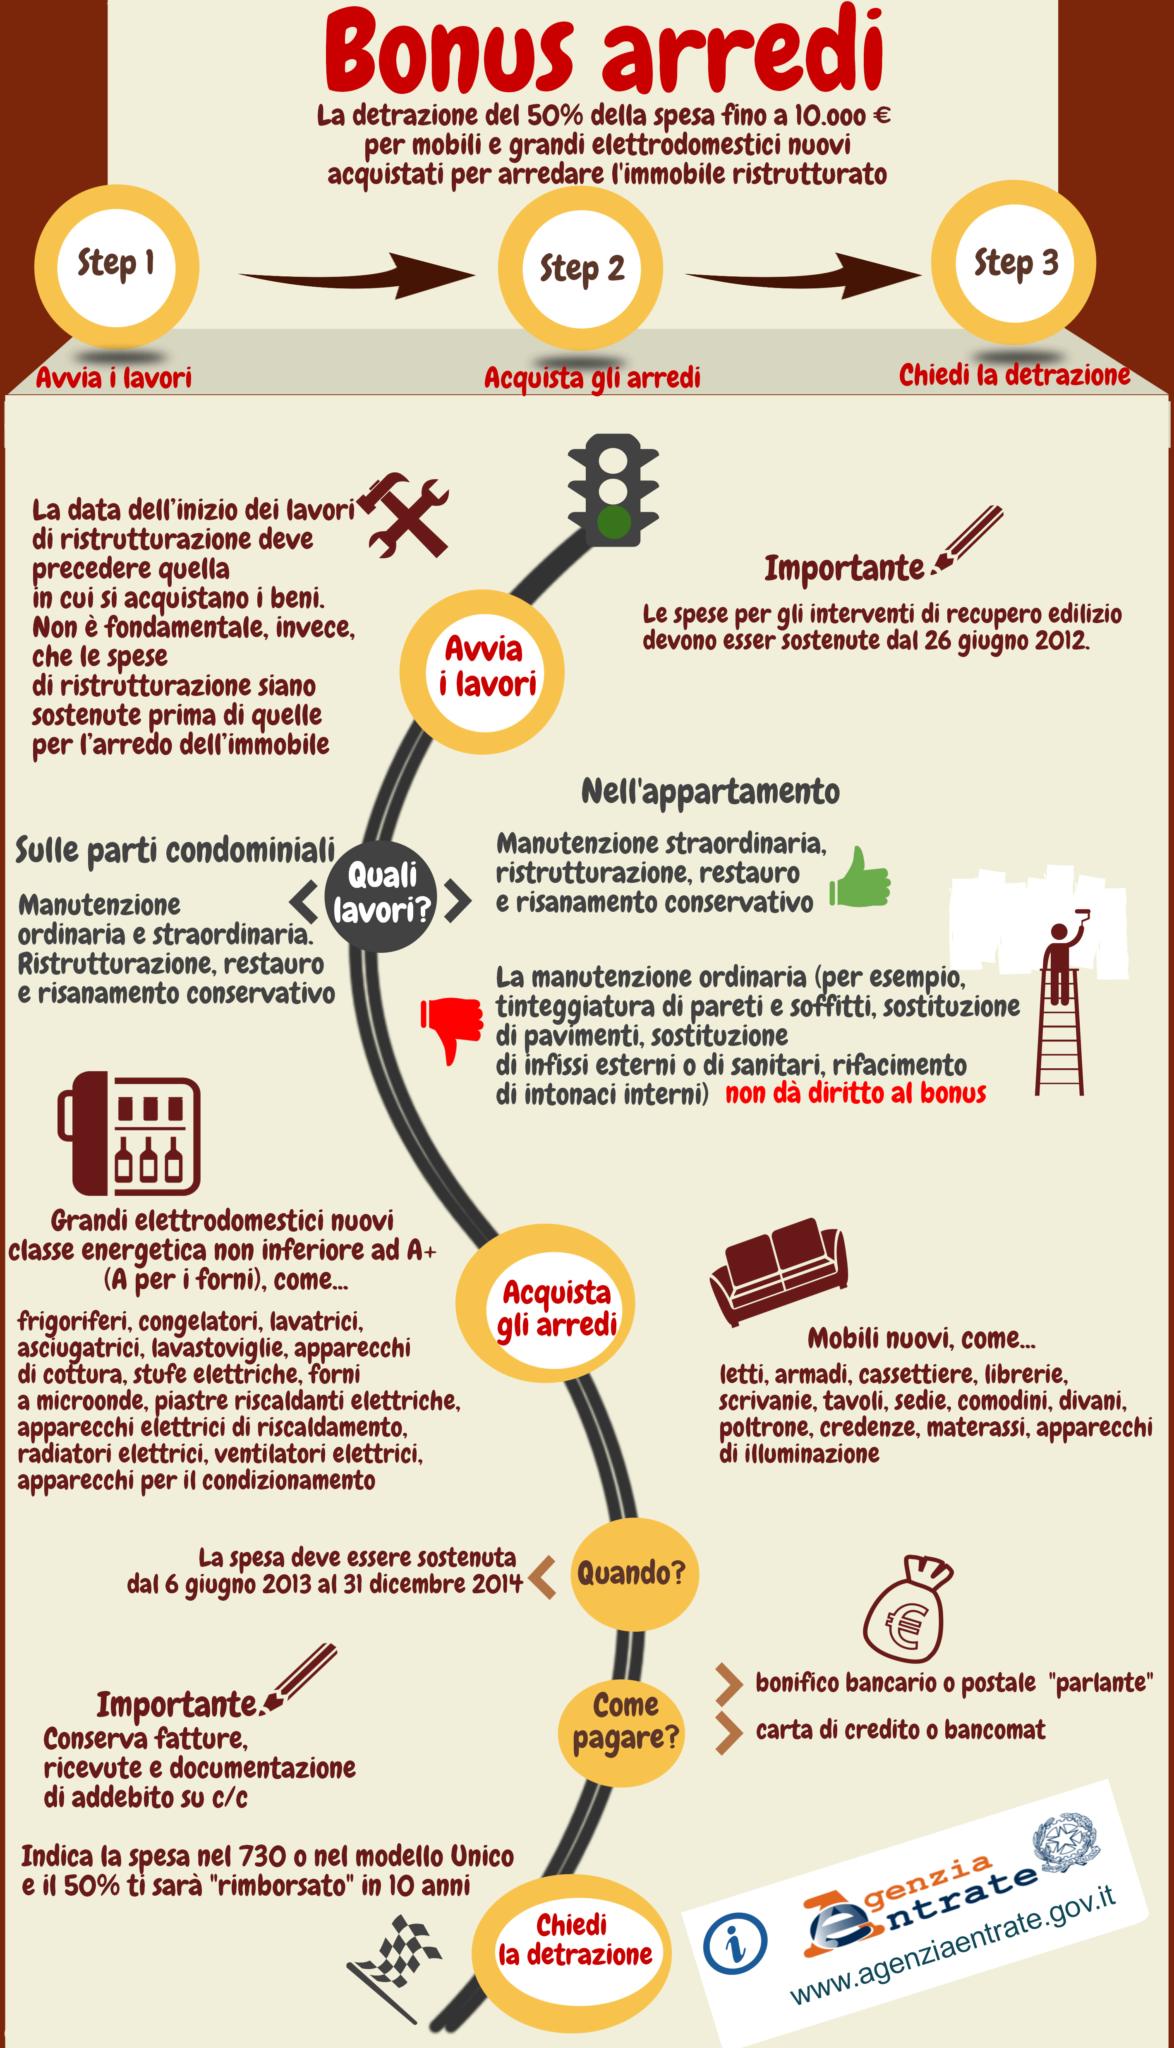 Detrazione fiscale e led vendita illuminazione - Acquisto mobili detrazione 2014 ...